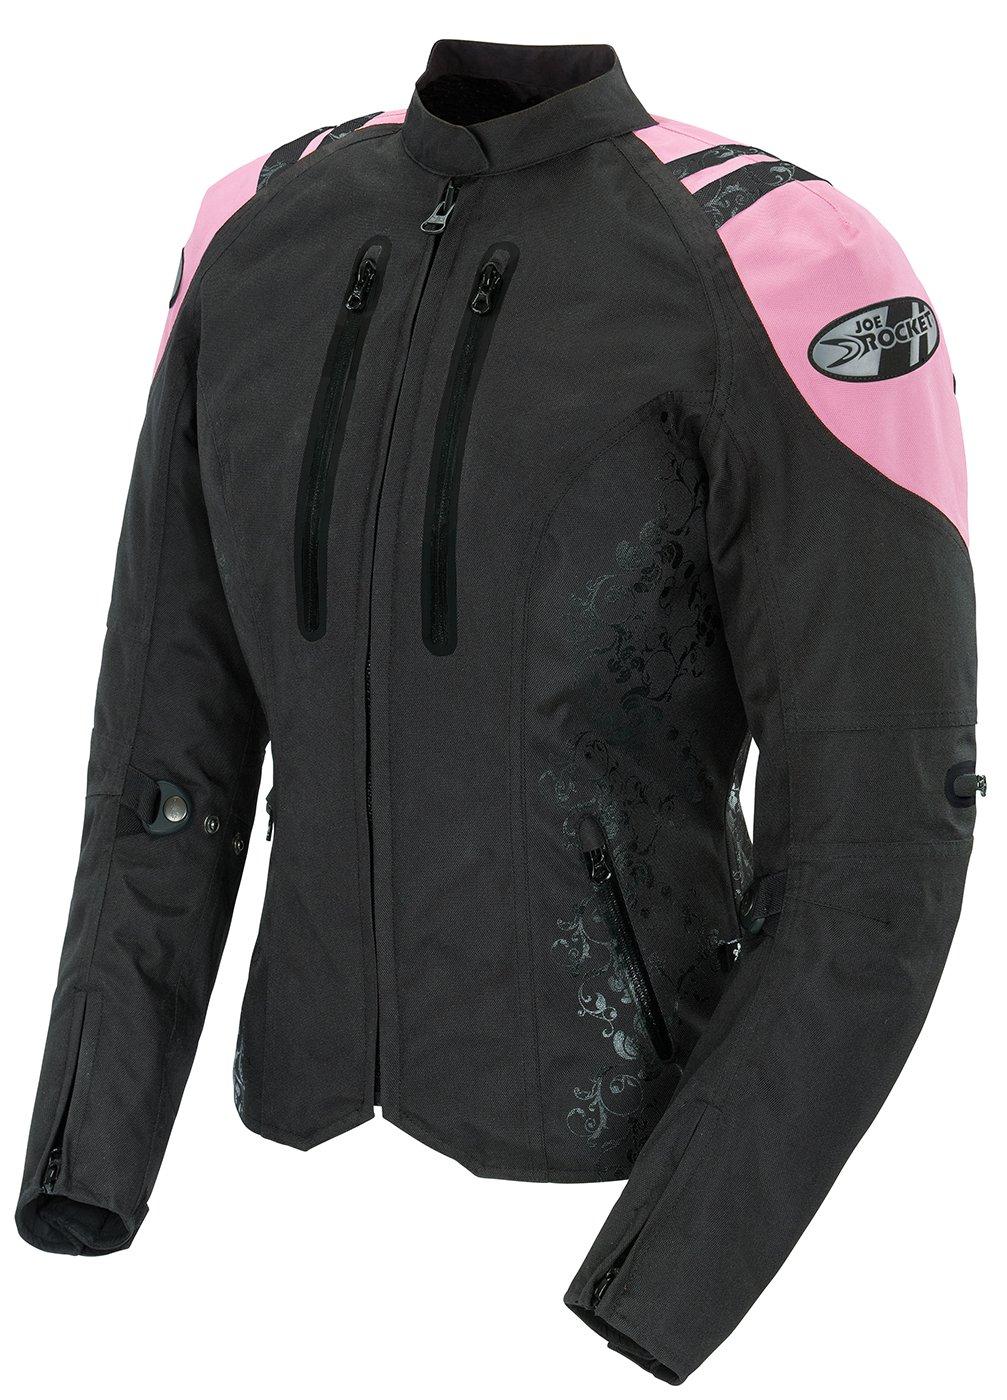 Joe Rocket Atomic 4.0 Women's Textile Riding Jacket (Black/Pink, Large)